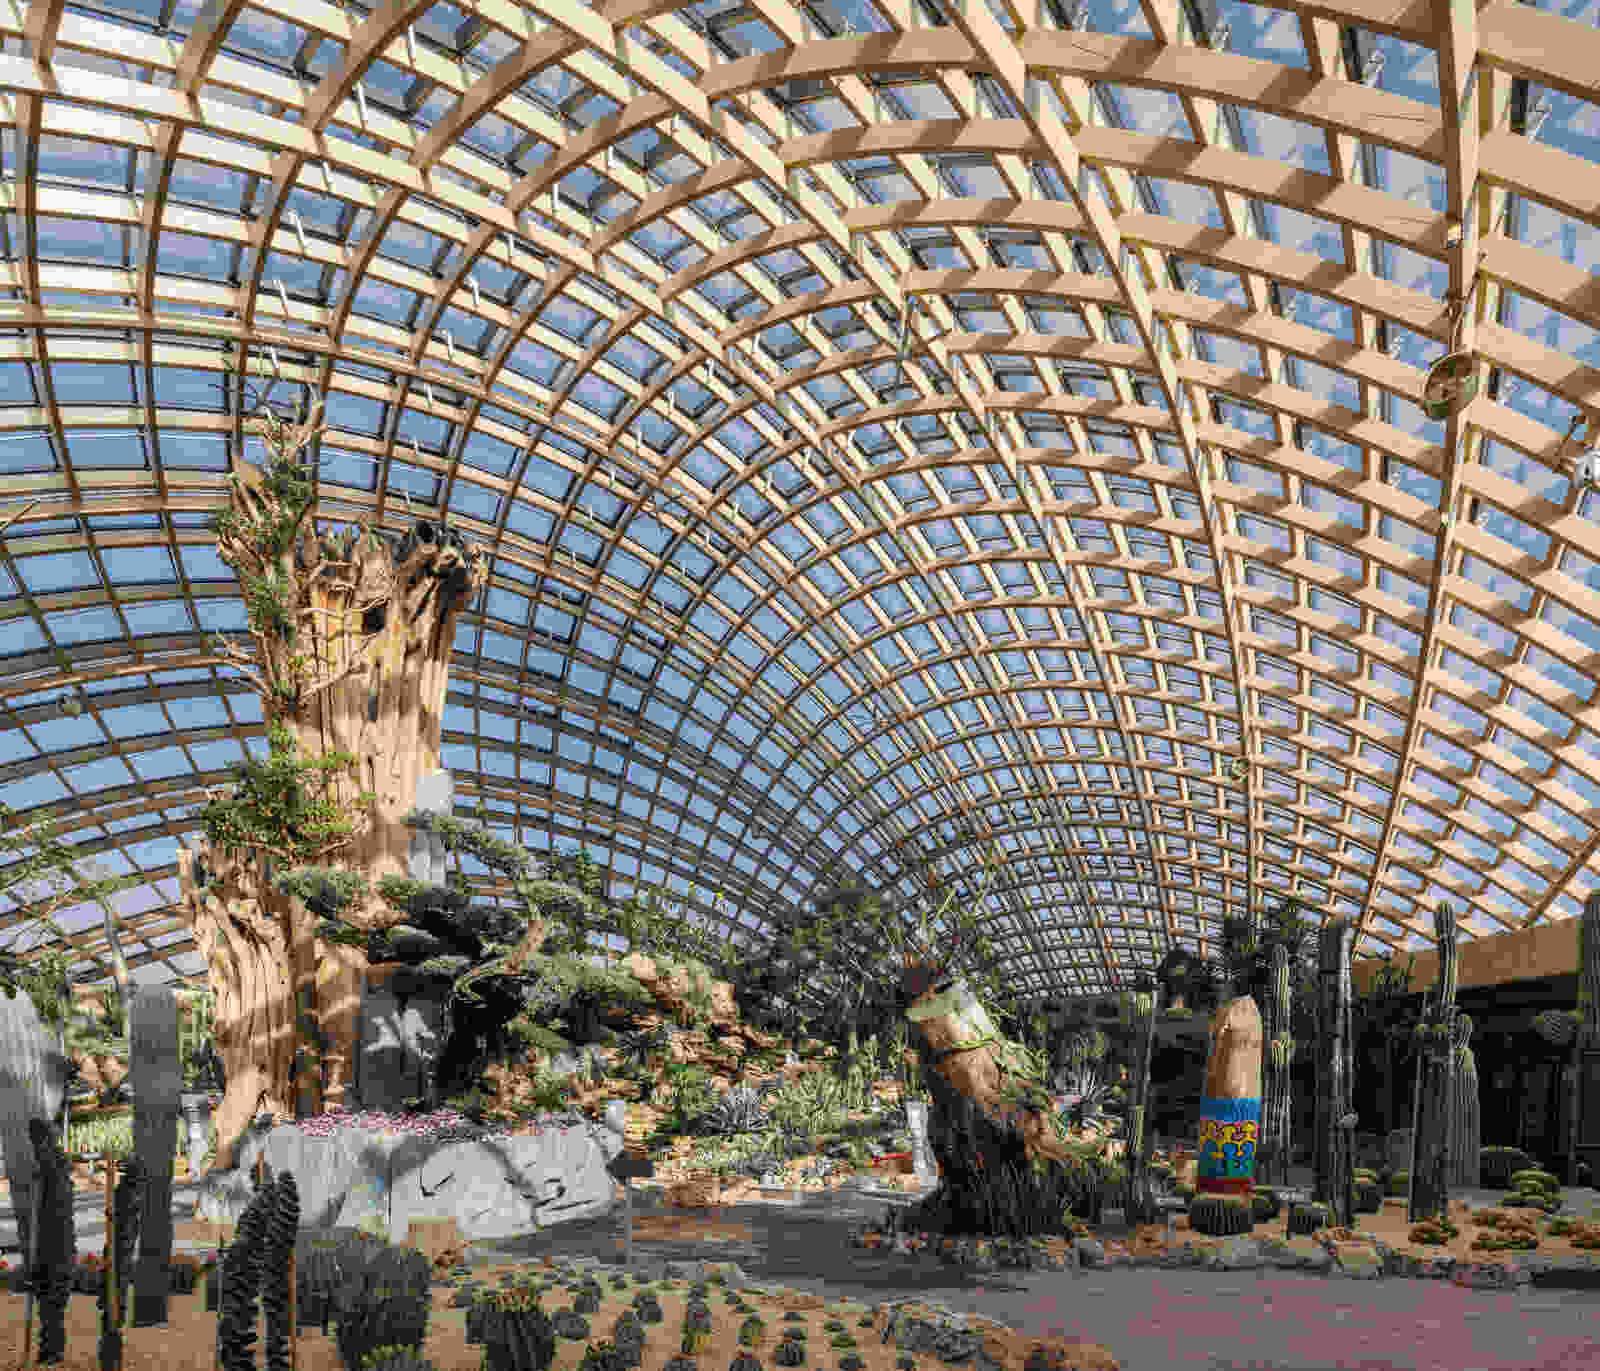 338 dmaa Taiyuan Botanical Garden 02 greenhouse 6349 Pano Creat AR